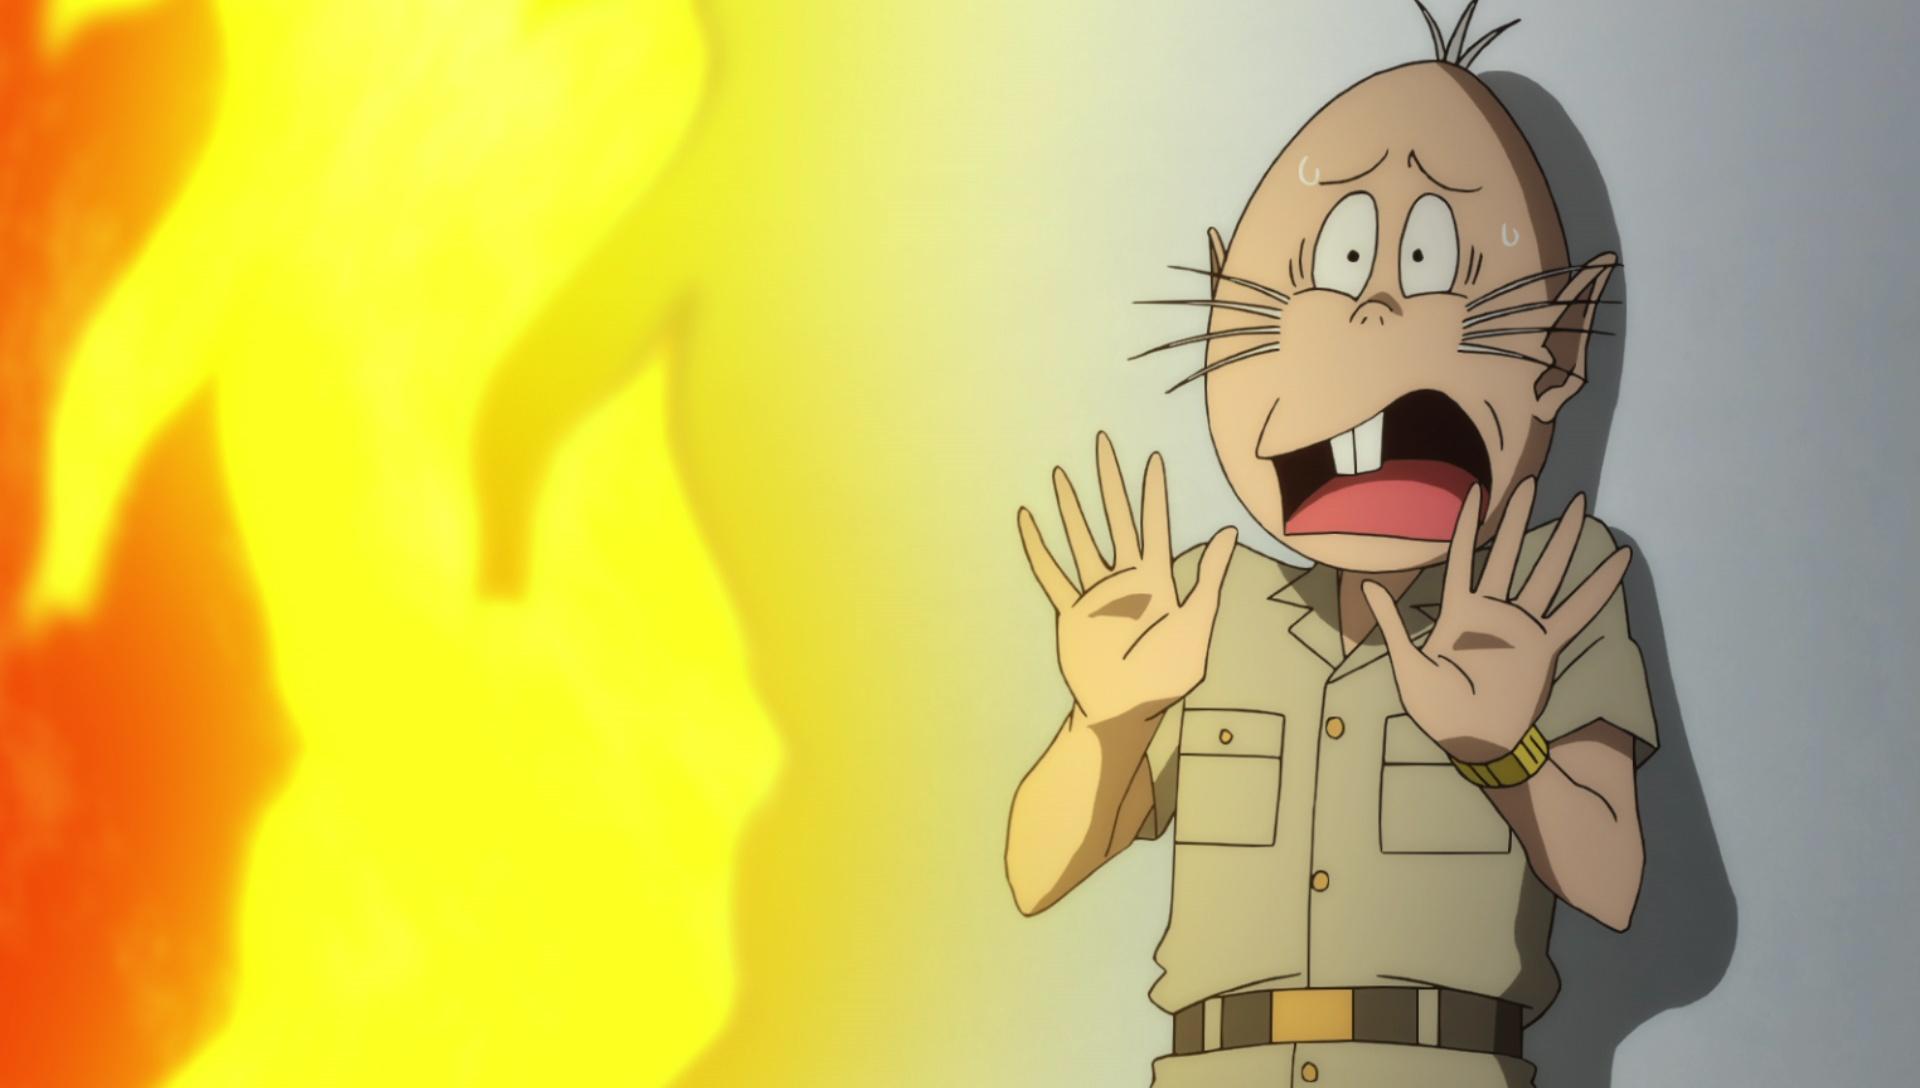 『ゲゲゲの鬼太郎』第40話「終極の譚歌 さら小僧」より先行カット公開! ピン芸人・ビンボーイサムは、さら小僧の唄をネタに……-6